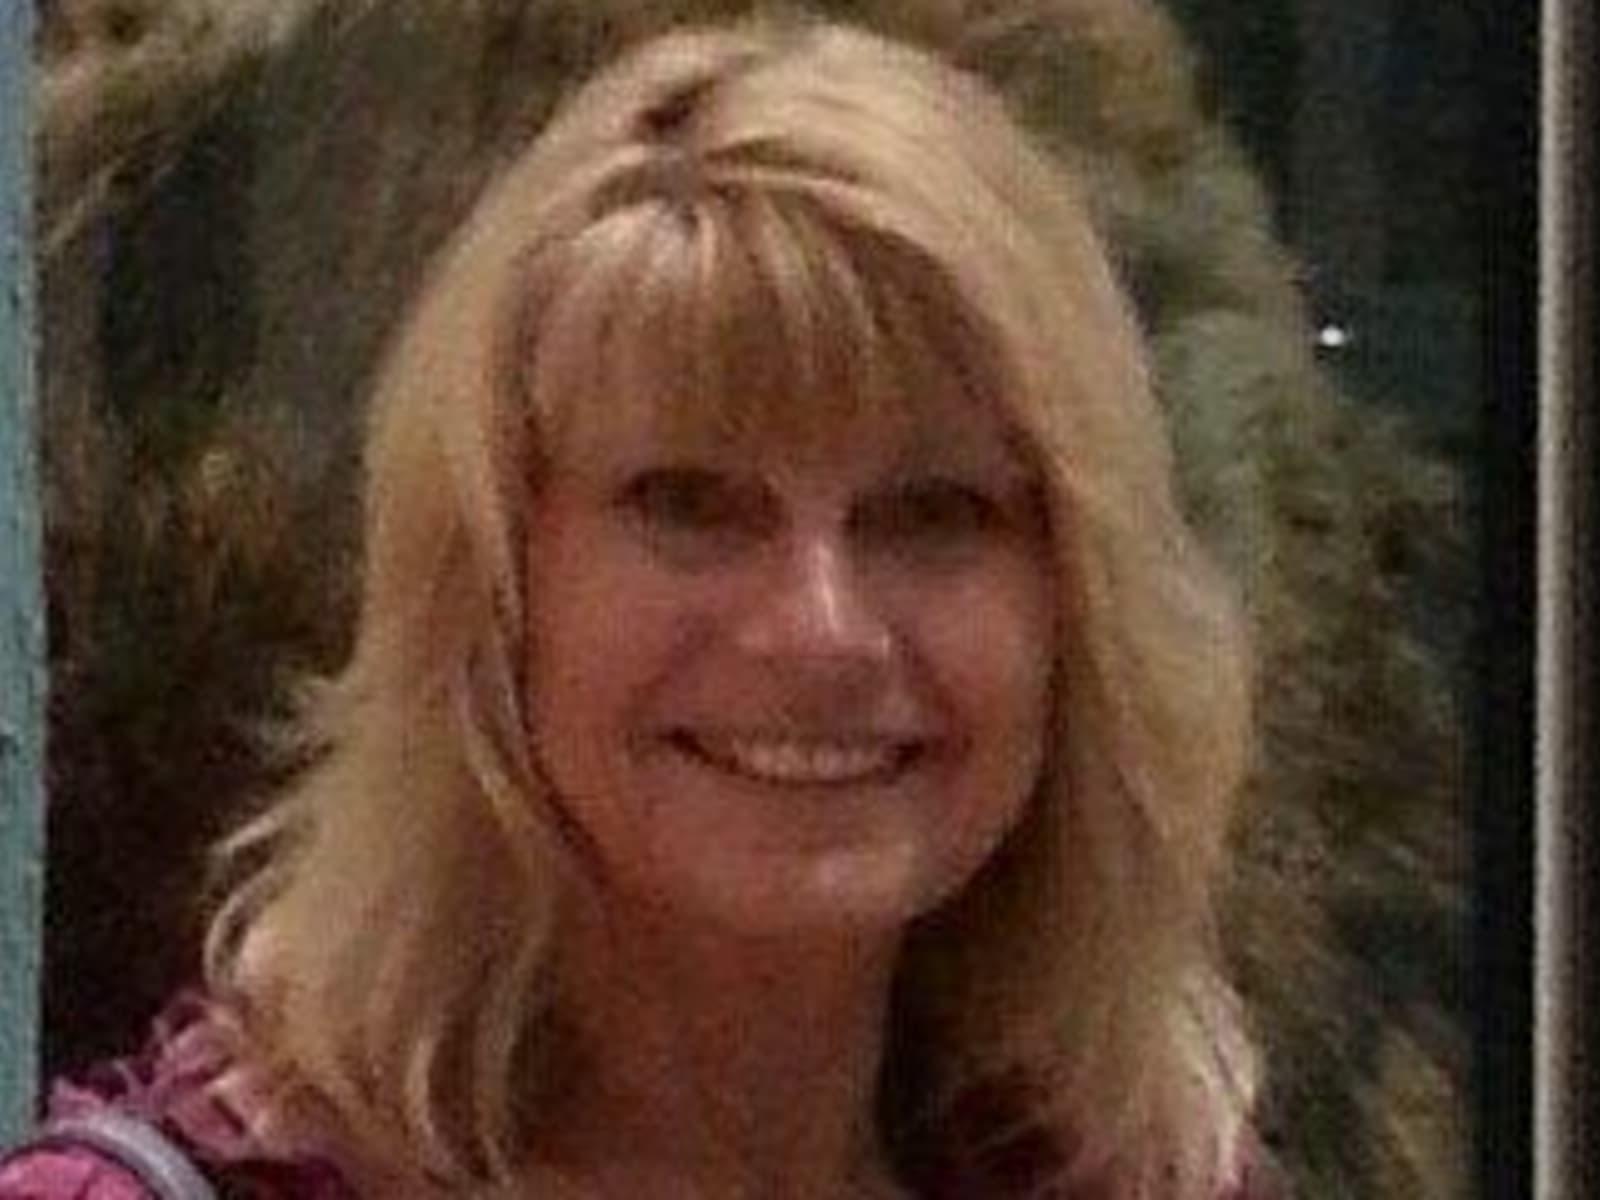 Denise from Brisbane, Queensland, Australia